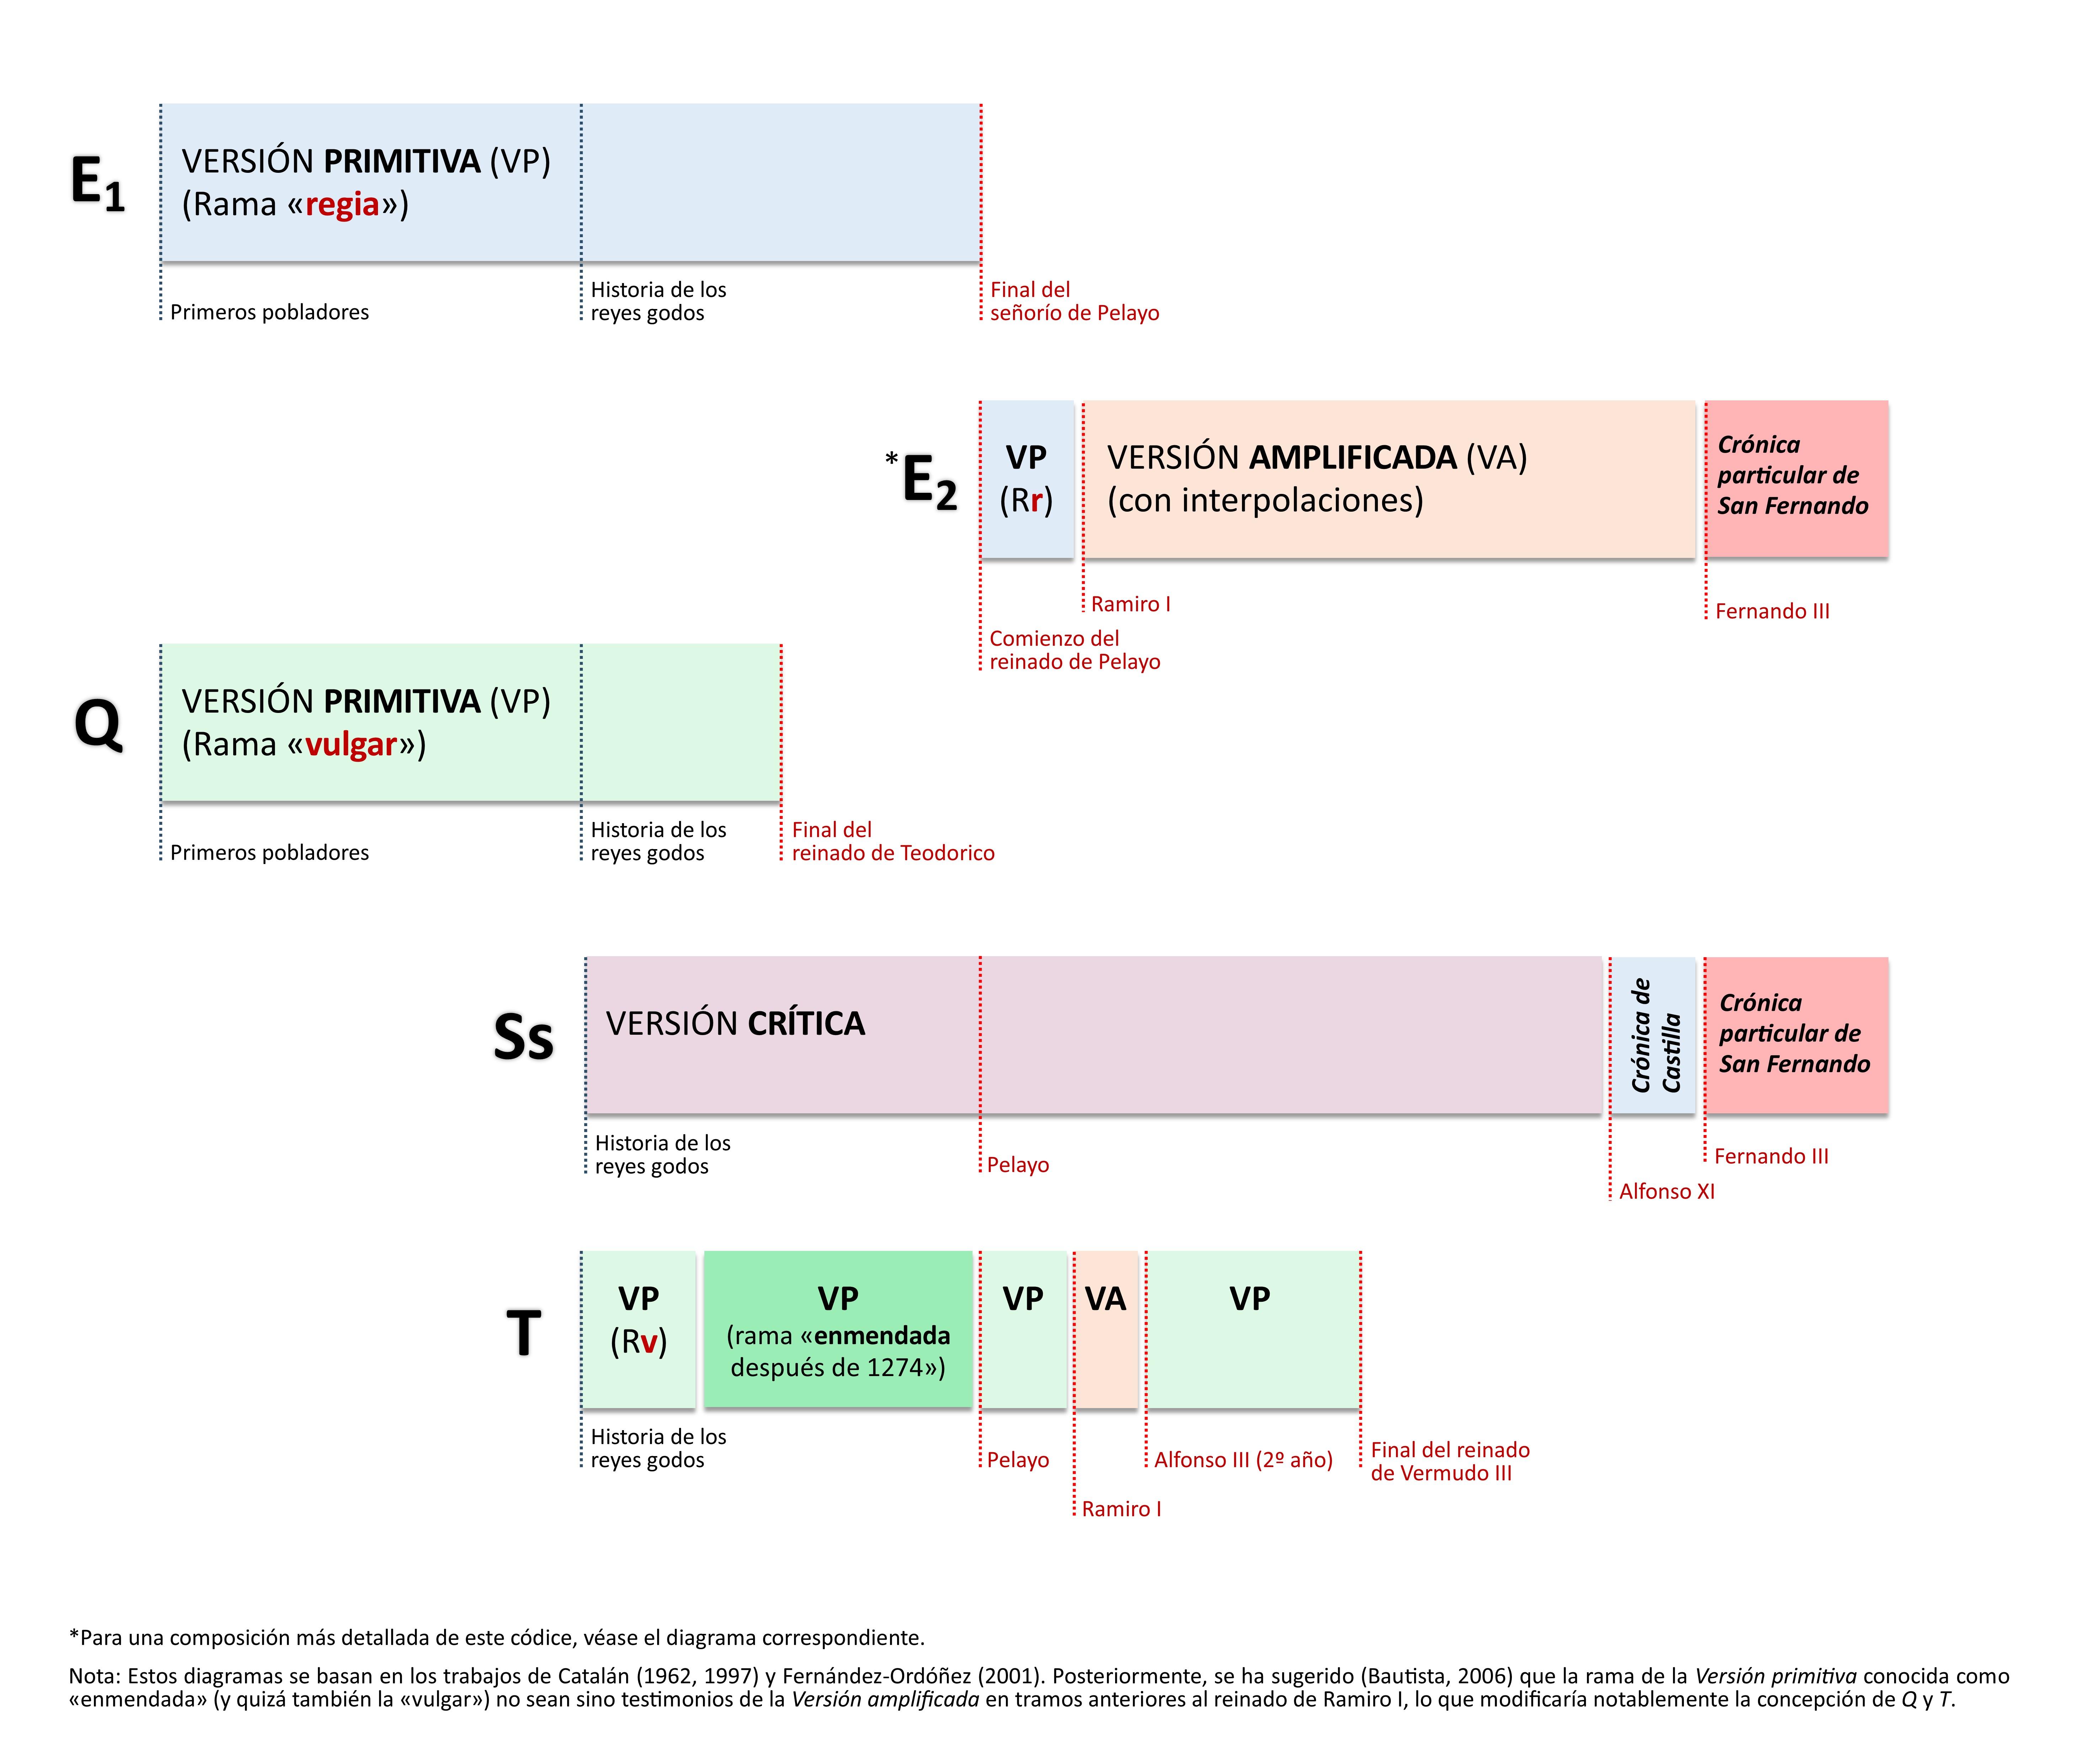 diagrama_comparativa-de-ejemplares